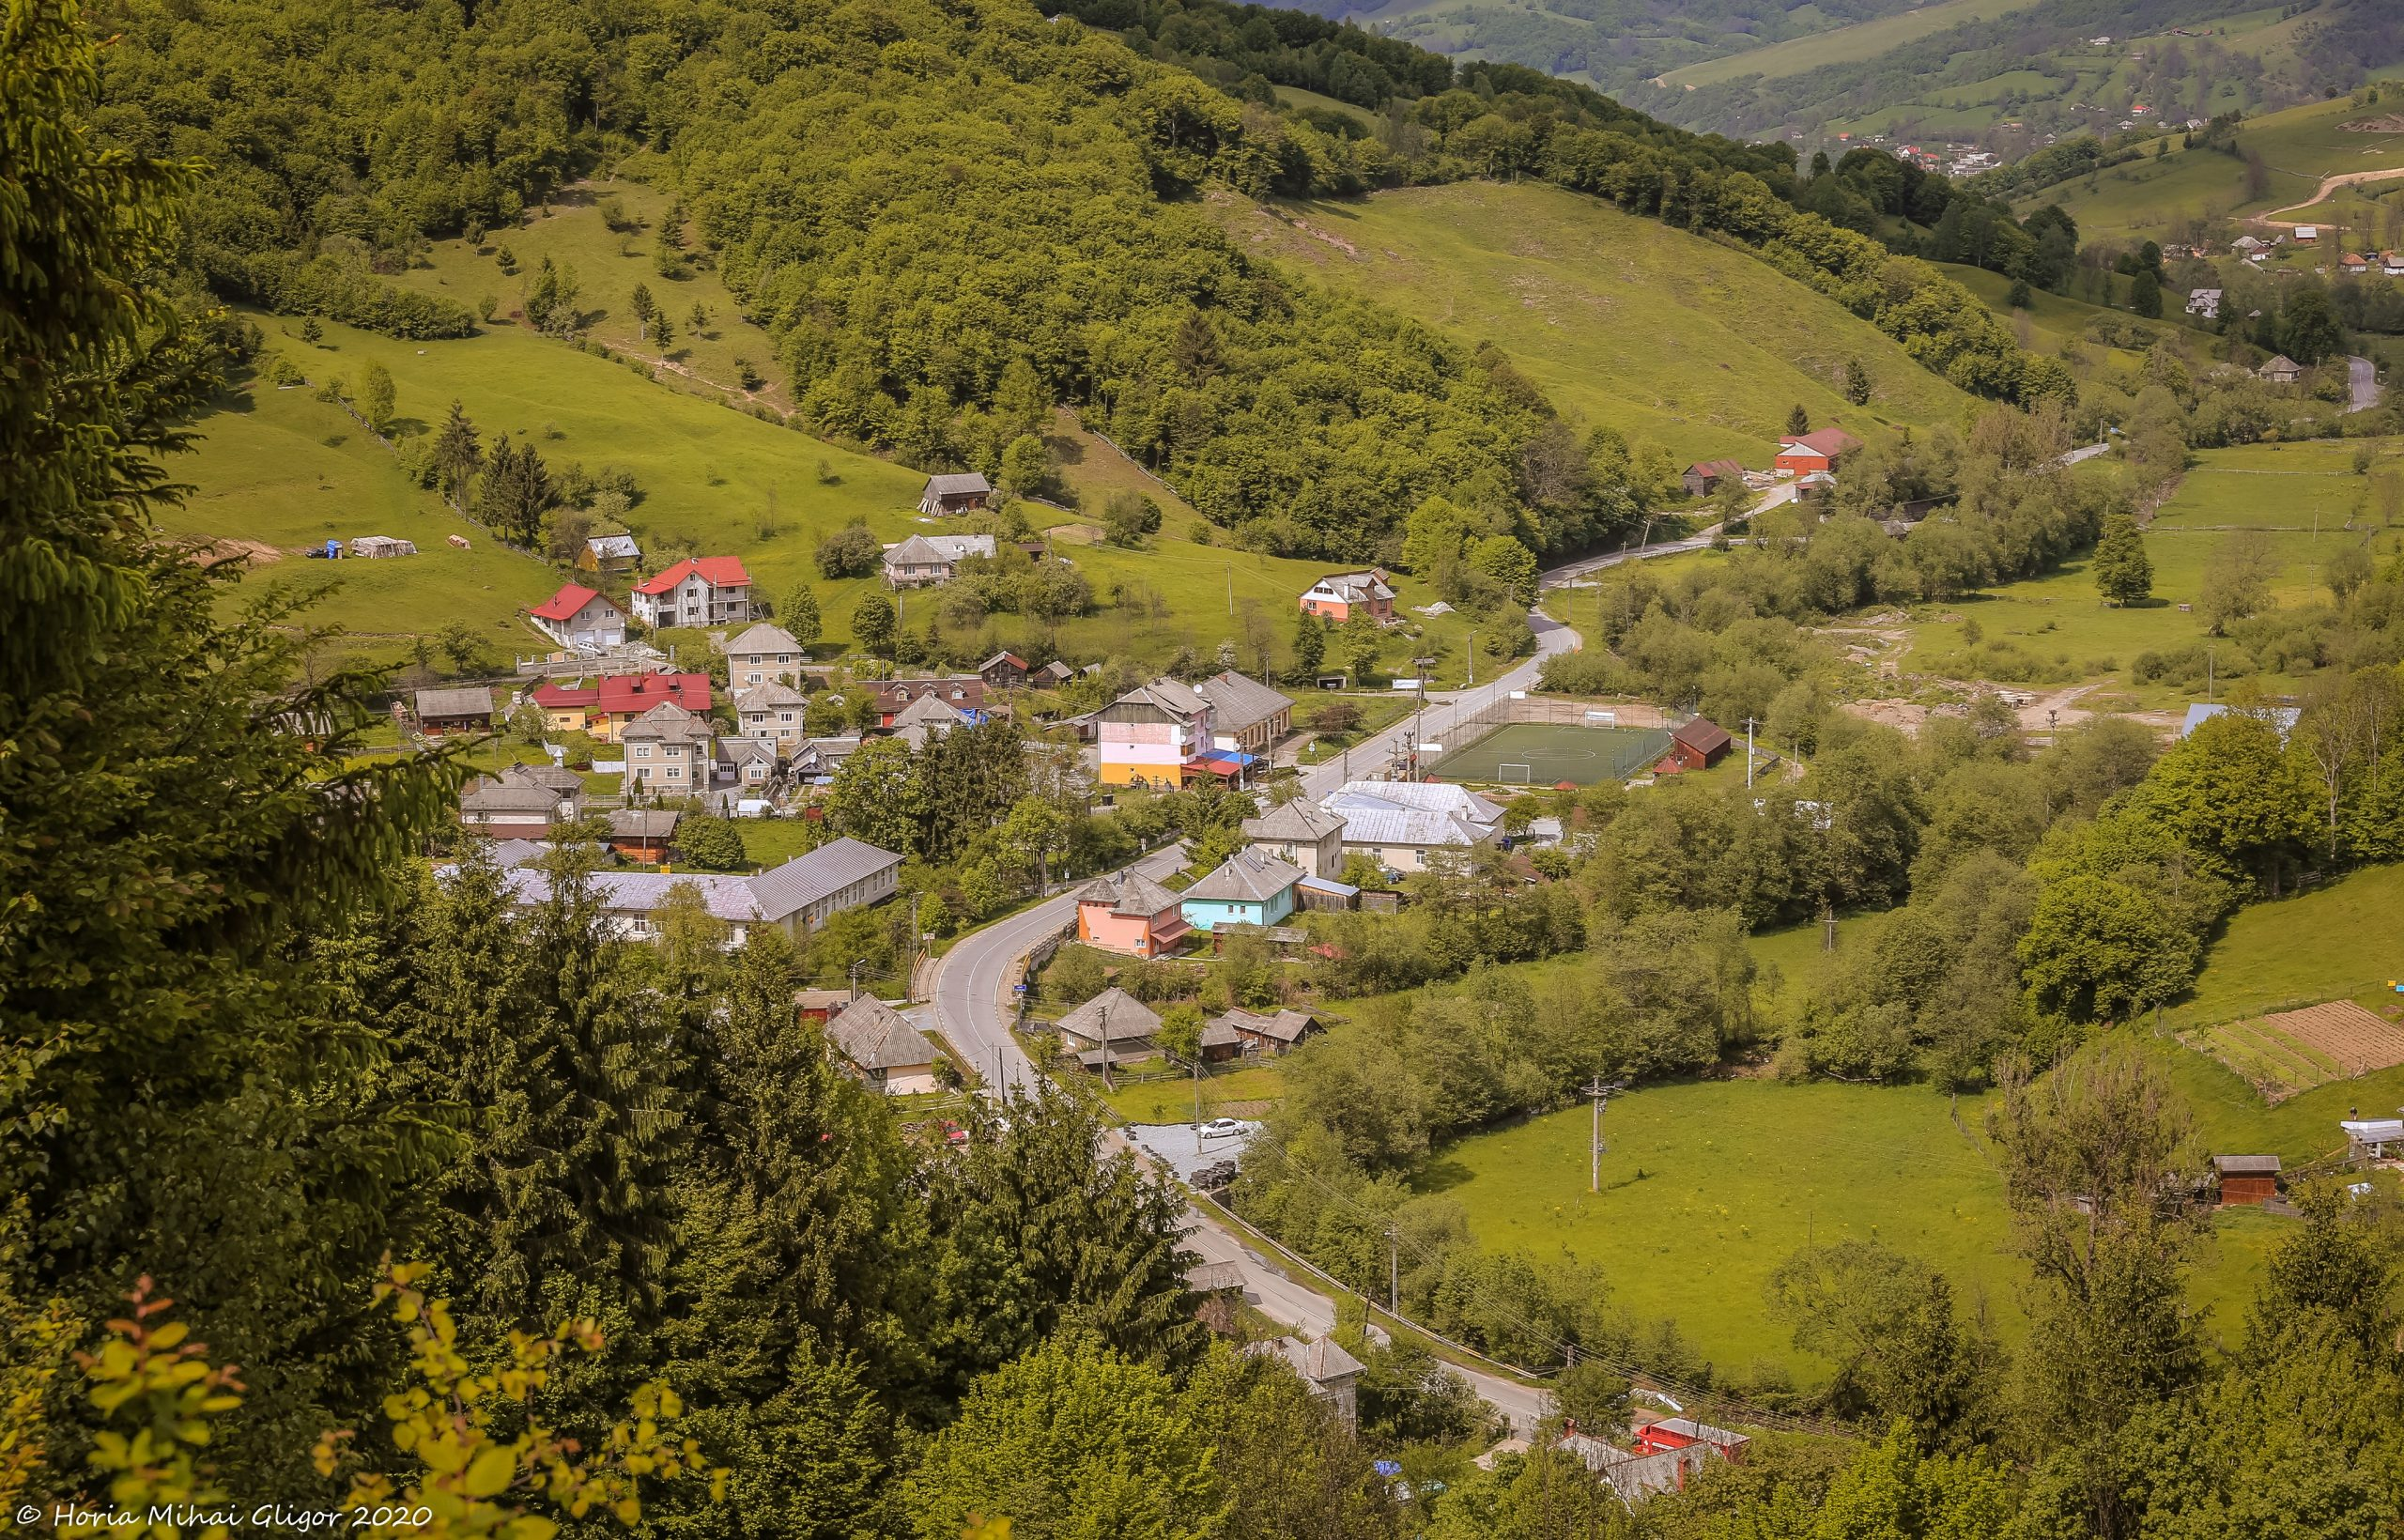 Foto: Horia Mihai Gligor